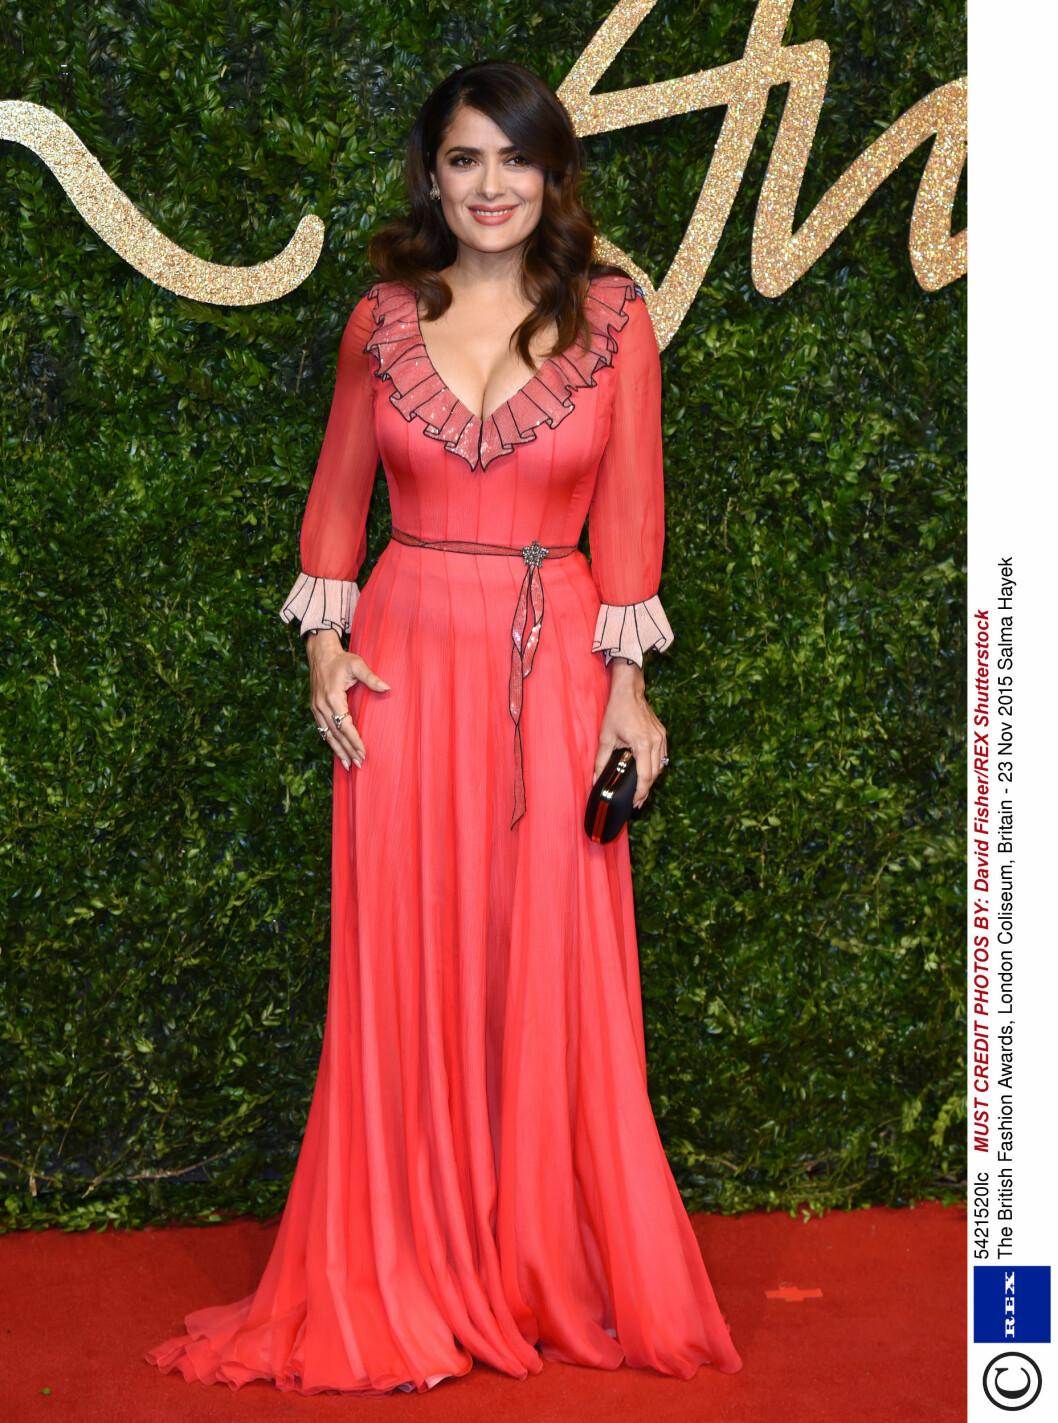 <strong>VISTE KLØFT:</strong> Salma Hayek valgte en ferskenfarget Gucci-kjole med paljettdetaljer på årets British Fashion Awards. Foto: Rex Features